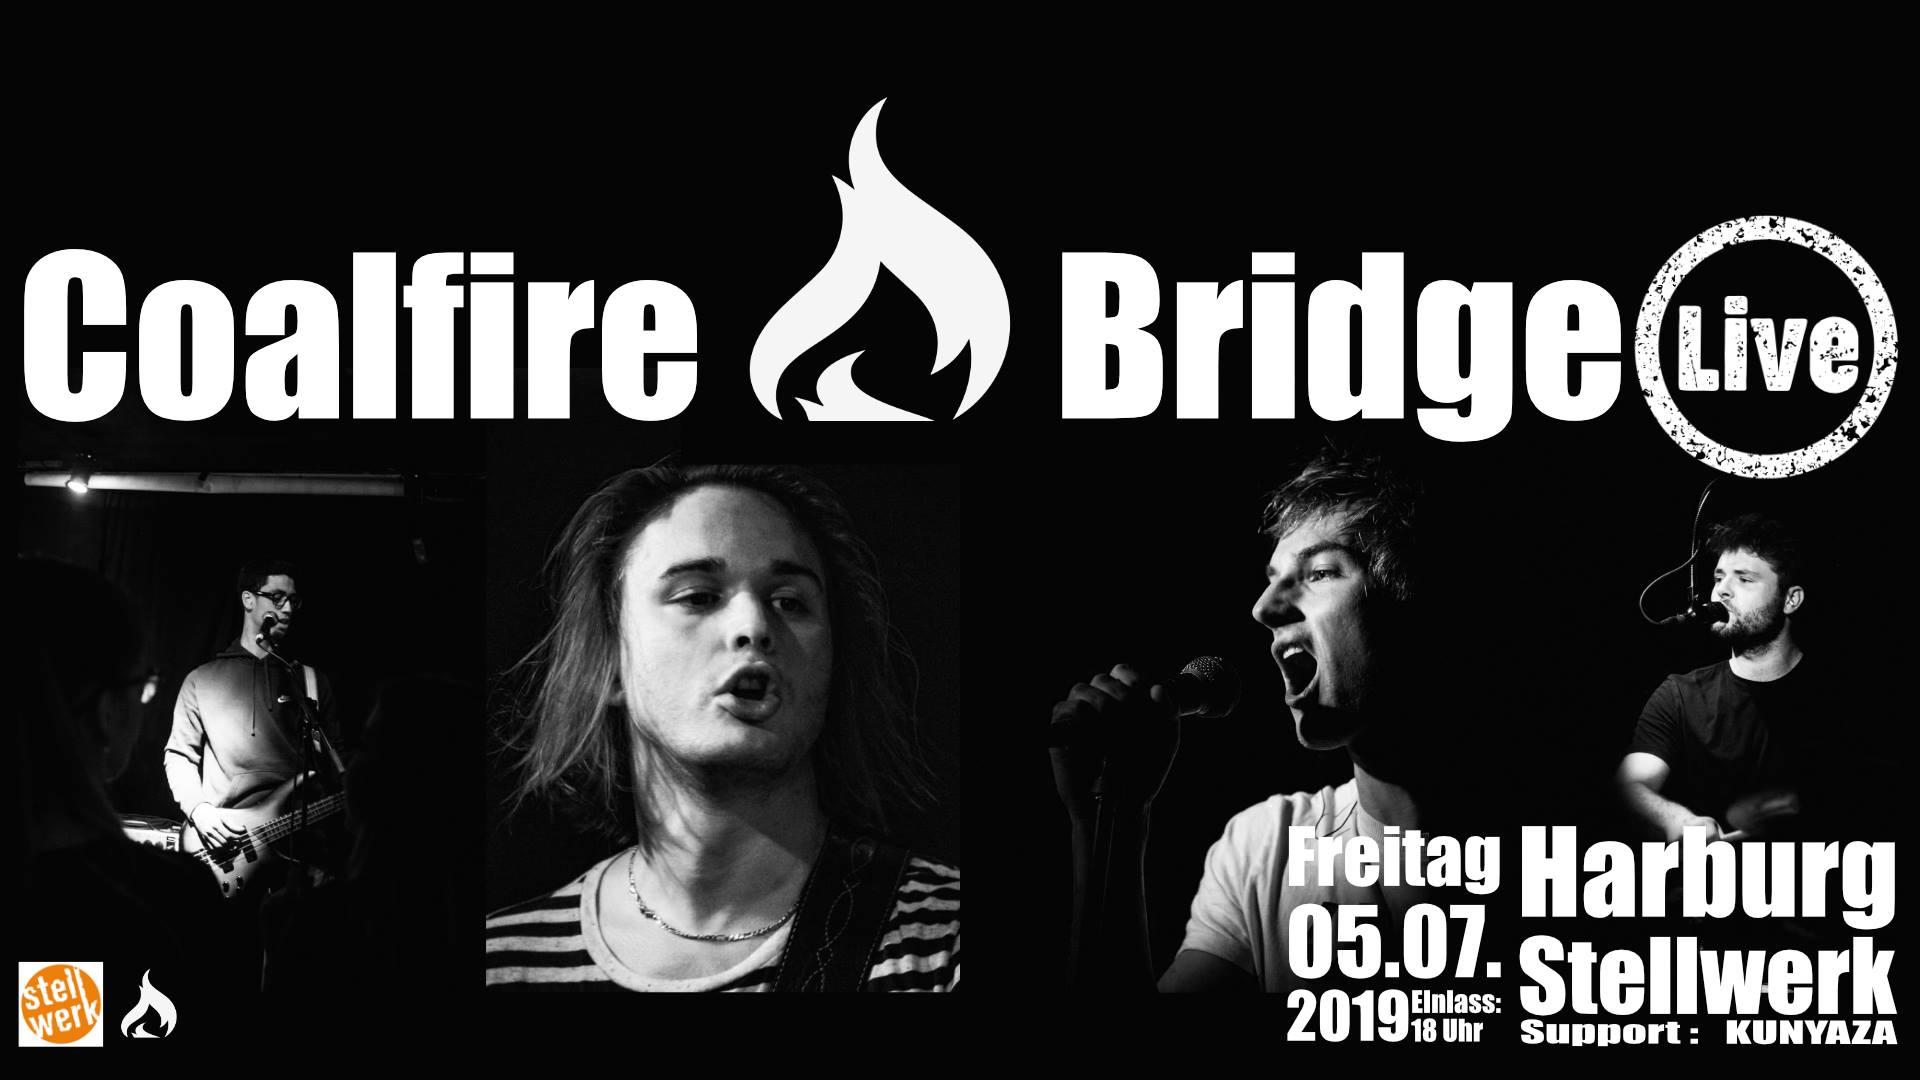 Coalfire Bridge Live